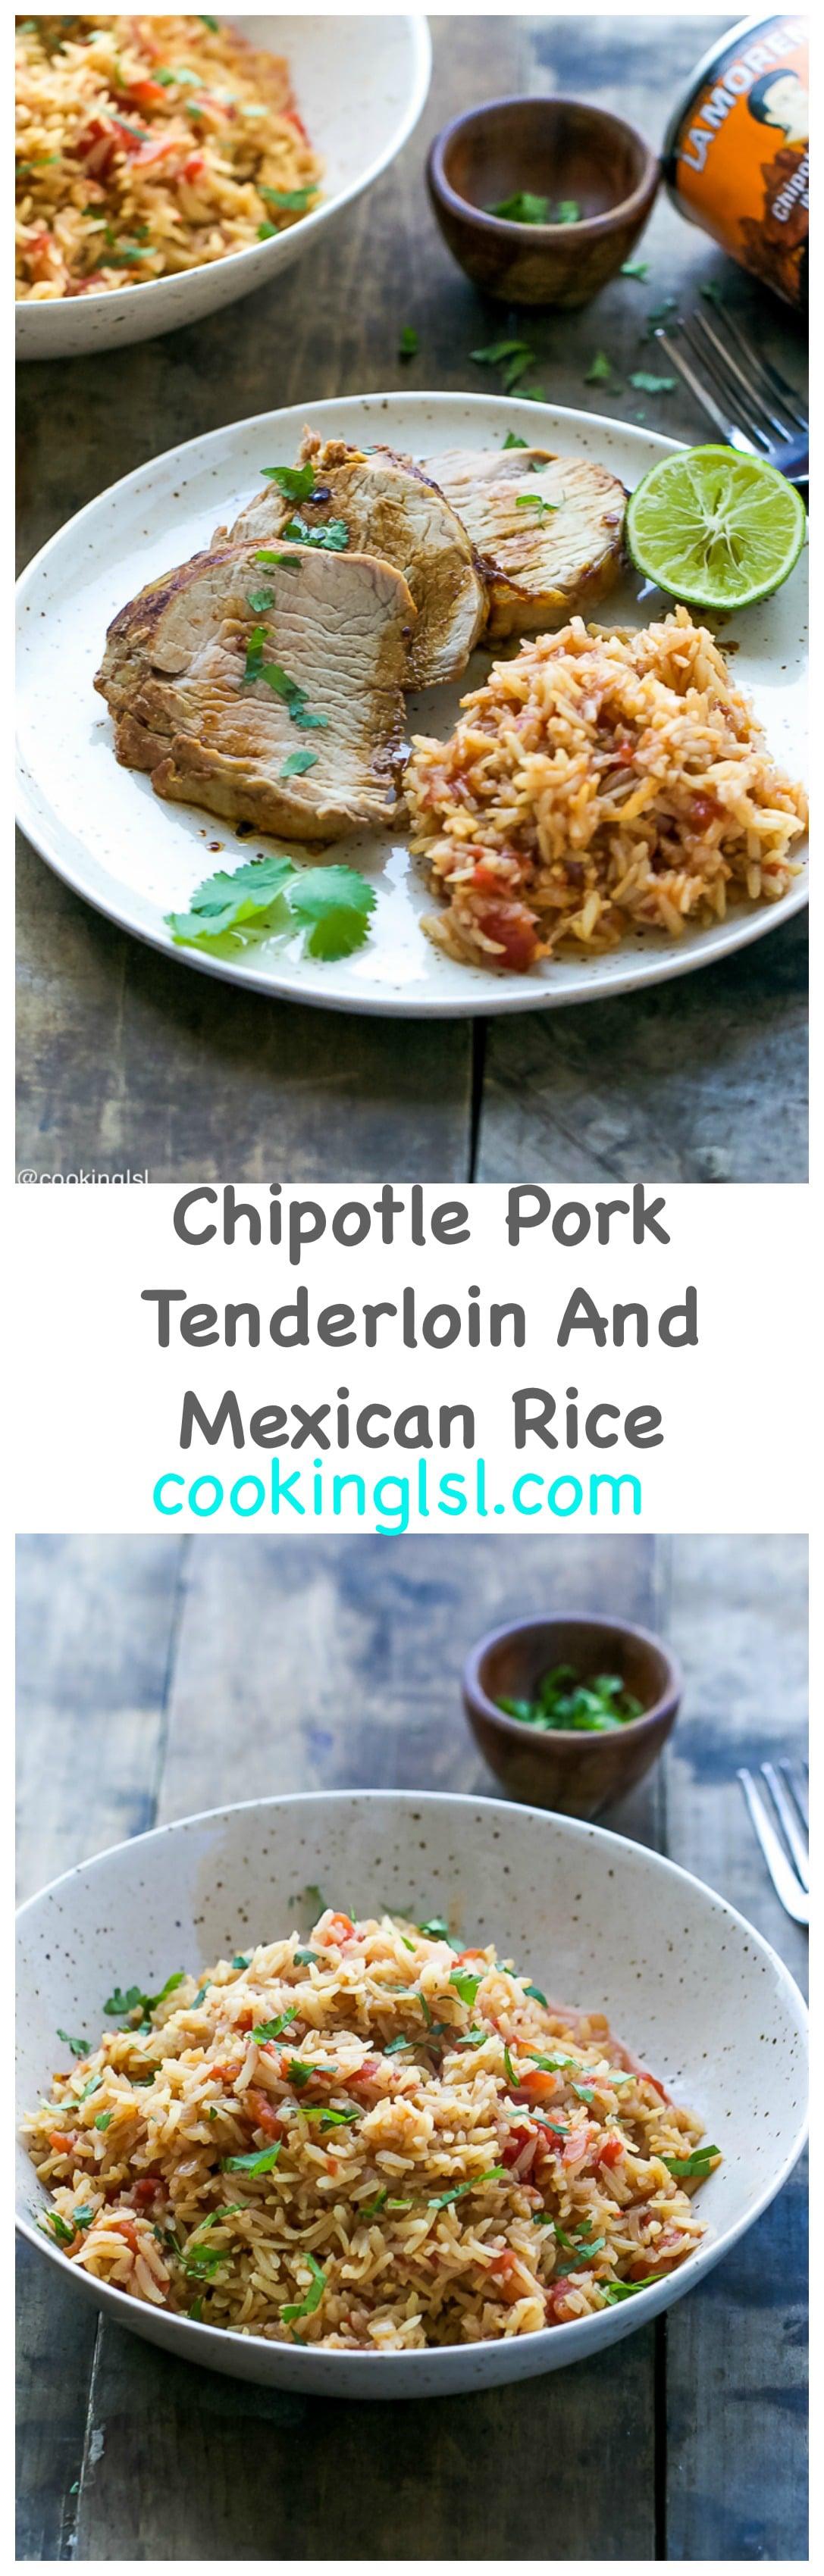 Chipotle Pork Tenderloin And Mexican Rice